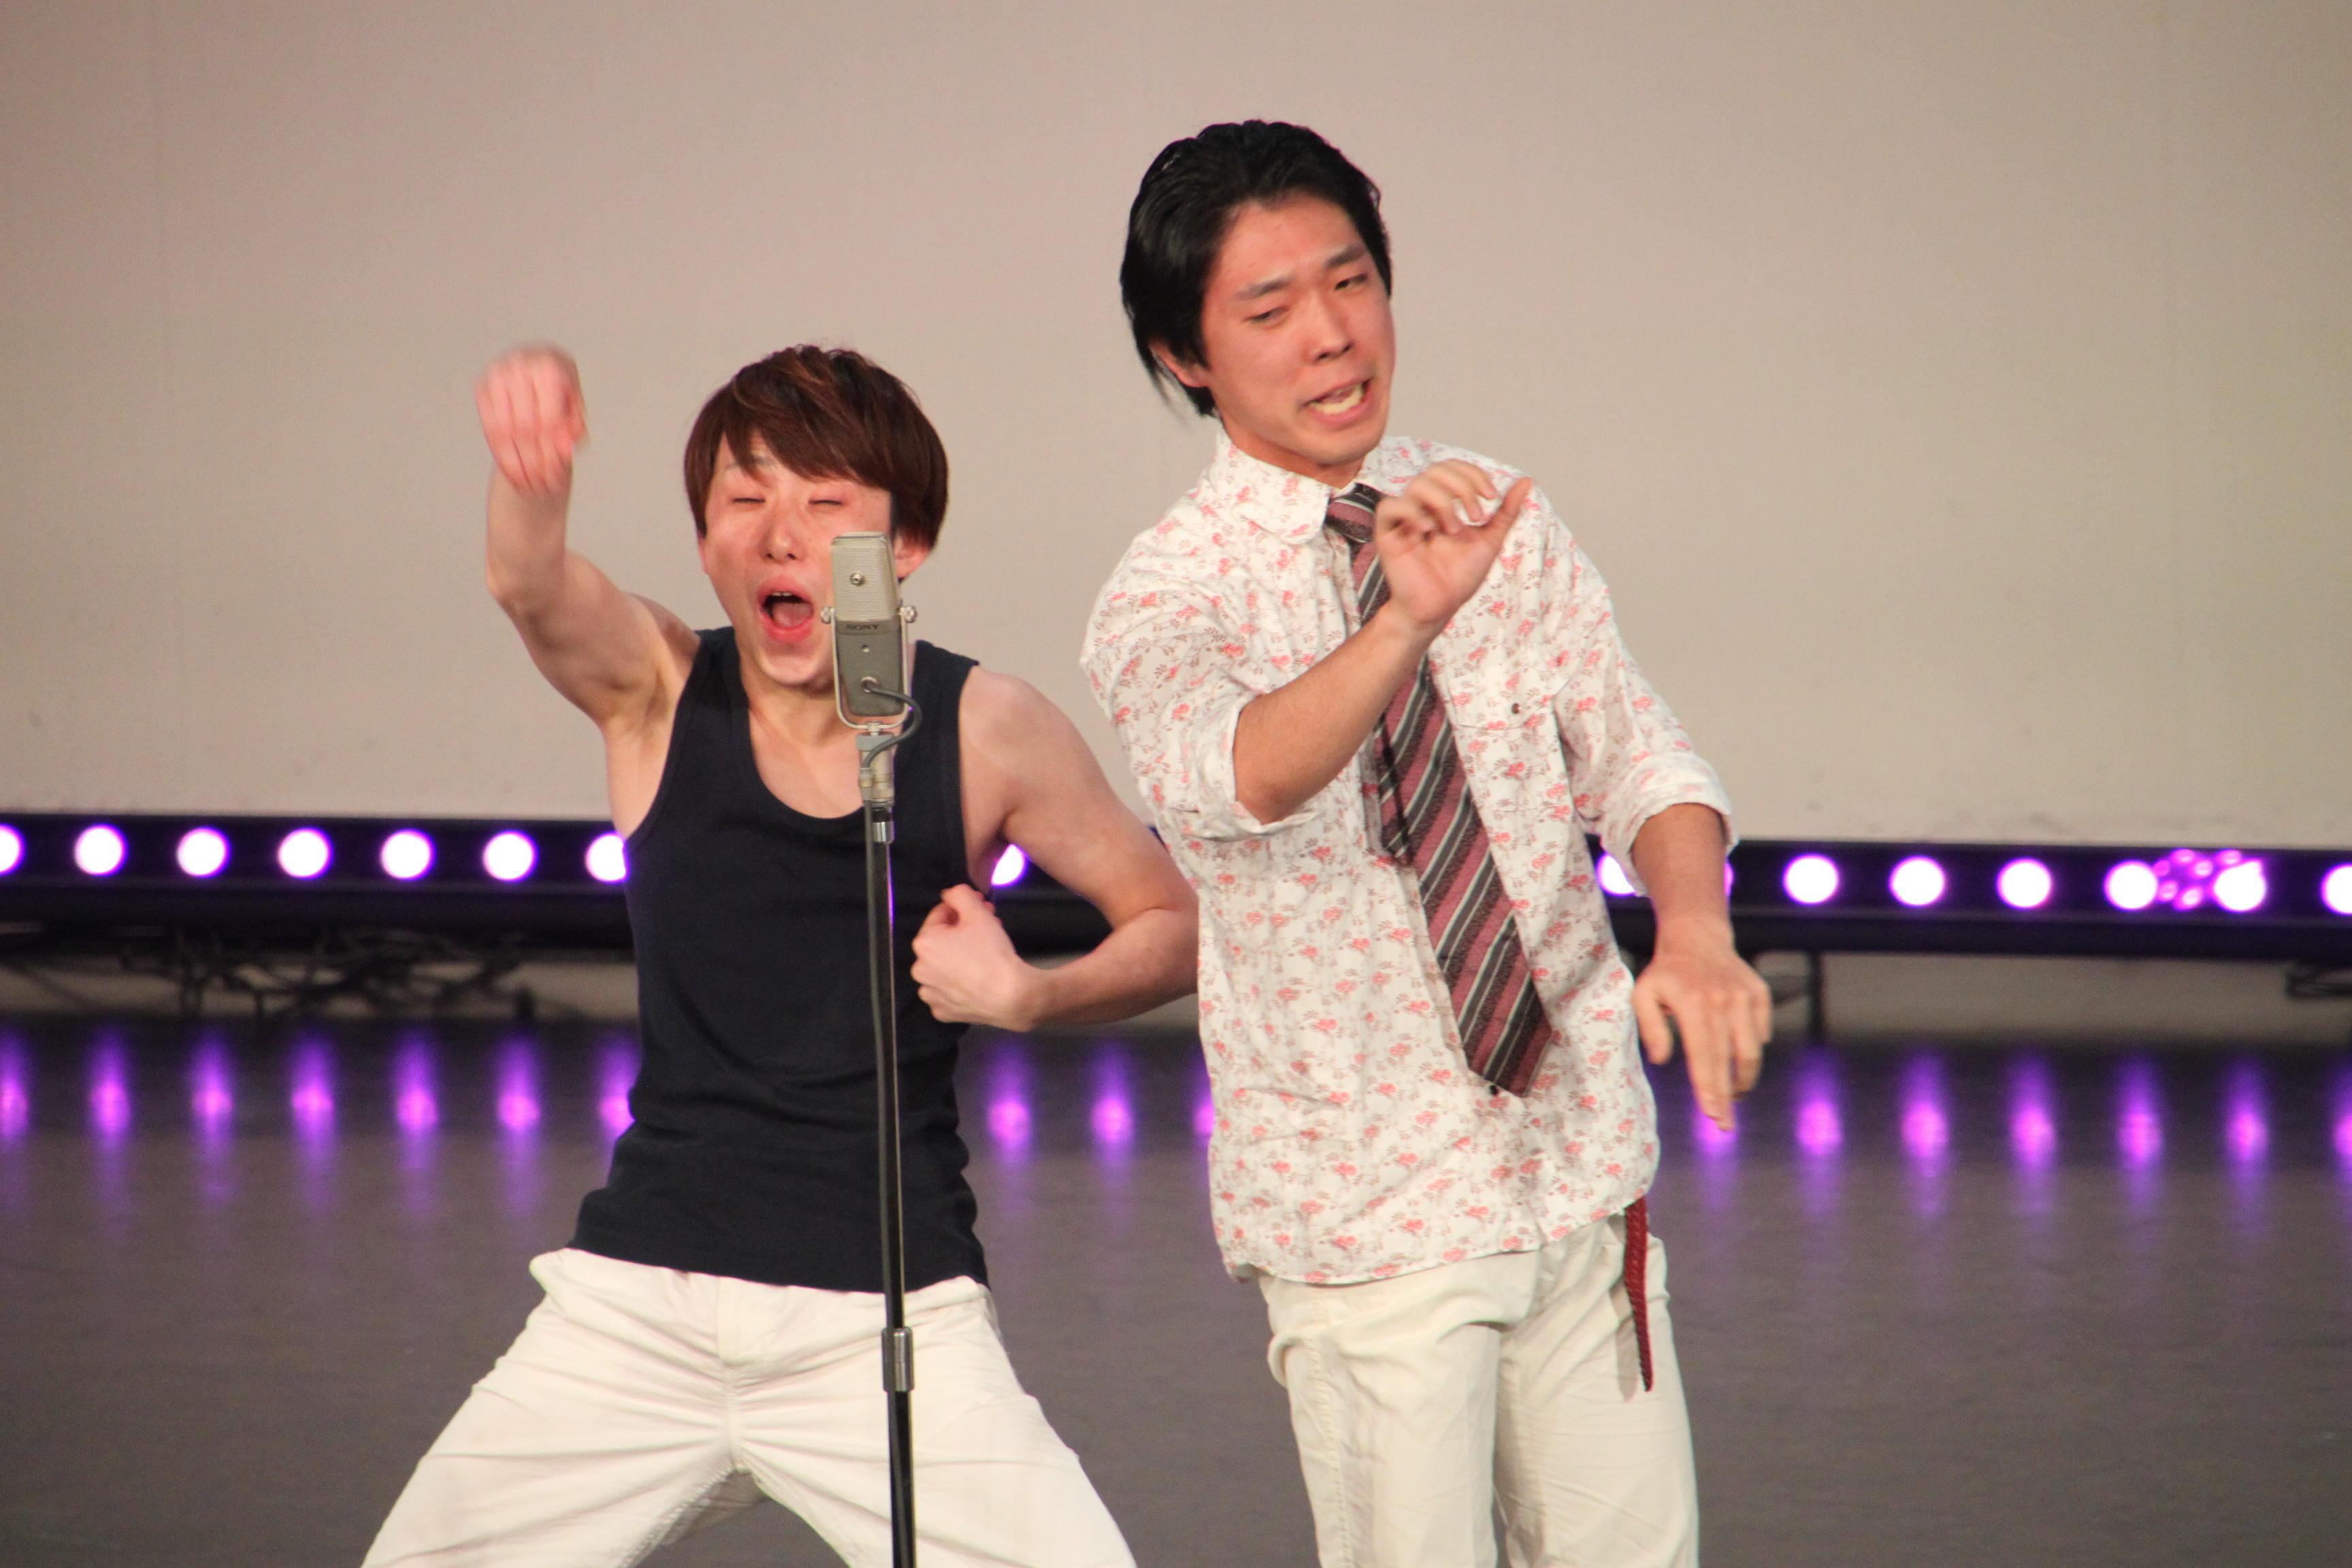 http://news.yoshimoto.co.jp/20181223000208-57a1323029d5f1d95bd4d668f410a7aed712f1b8.jpg